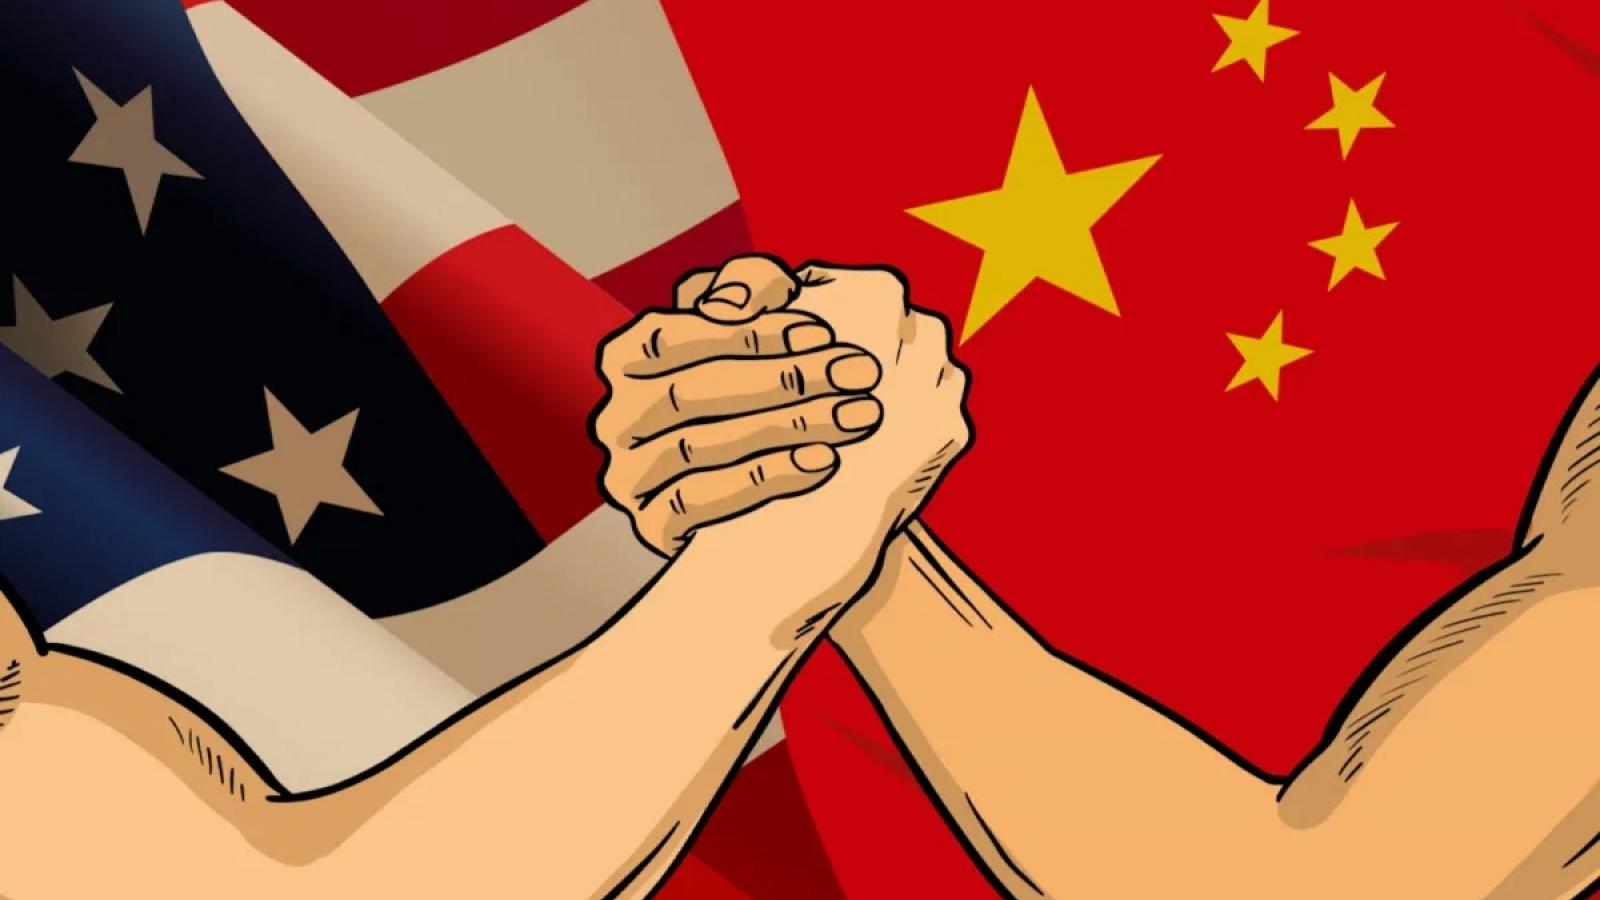 Cạnh tranh Mỹ-Trung Quốc hiện nay không như thời Chiến tranh Lạnh